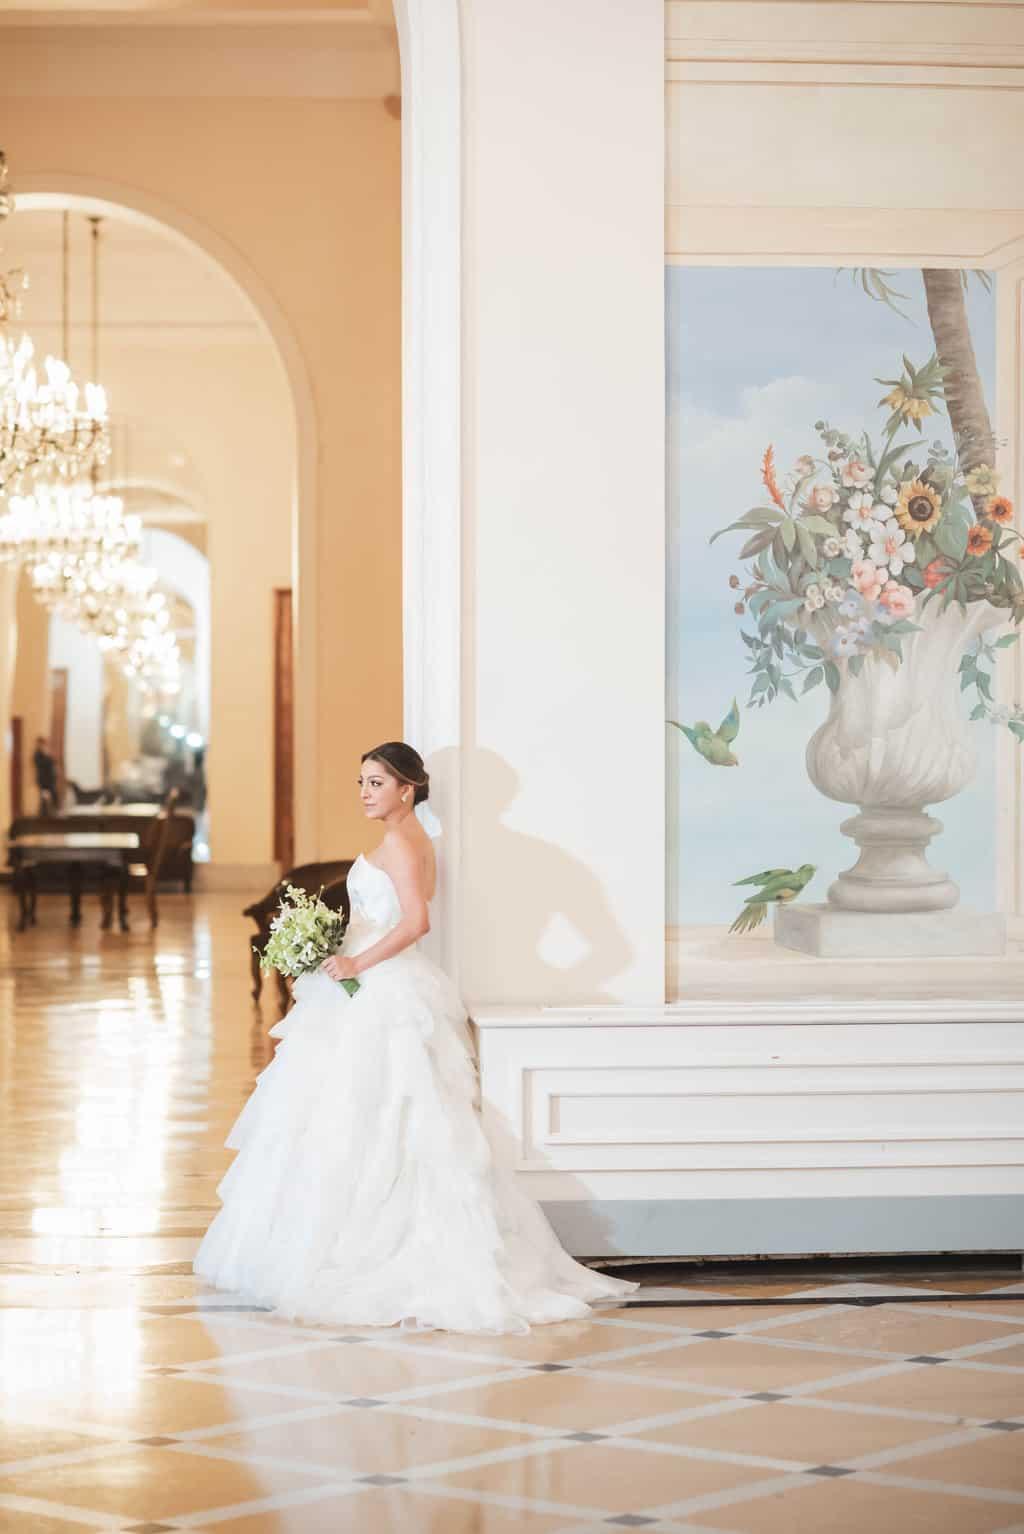 beleza-da-noiva-casamento-Karynna-e-Fernando-cerimonial-TCD-Eventos-fotografia-Marina-Fava-making-of3